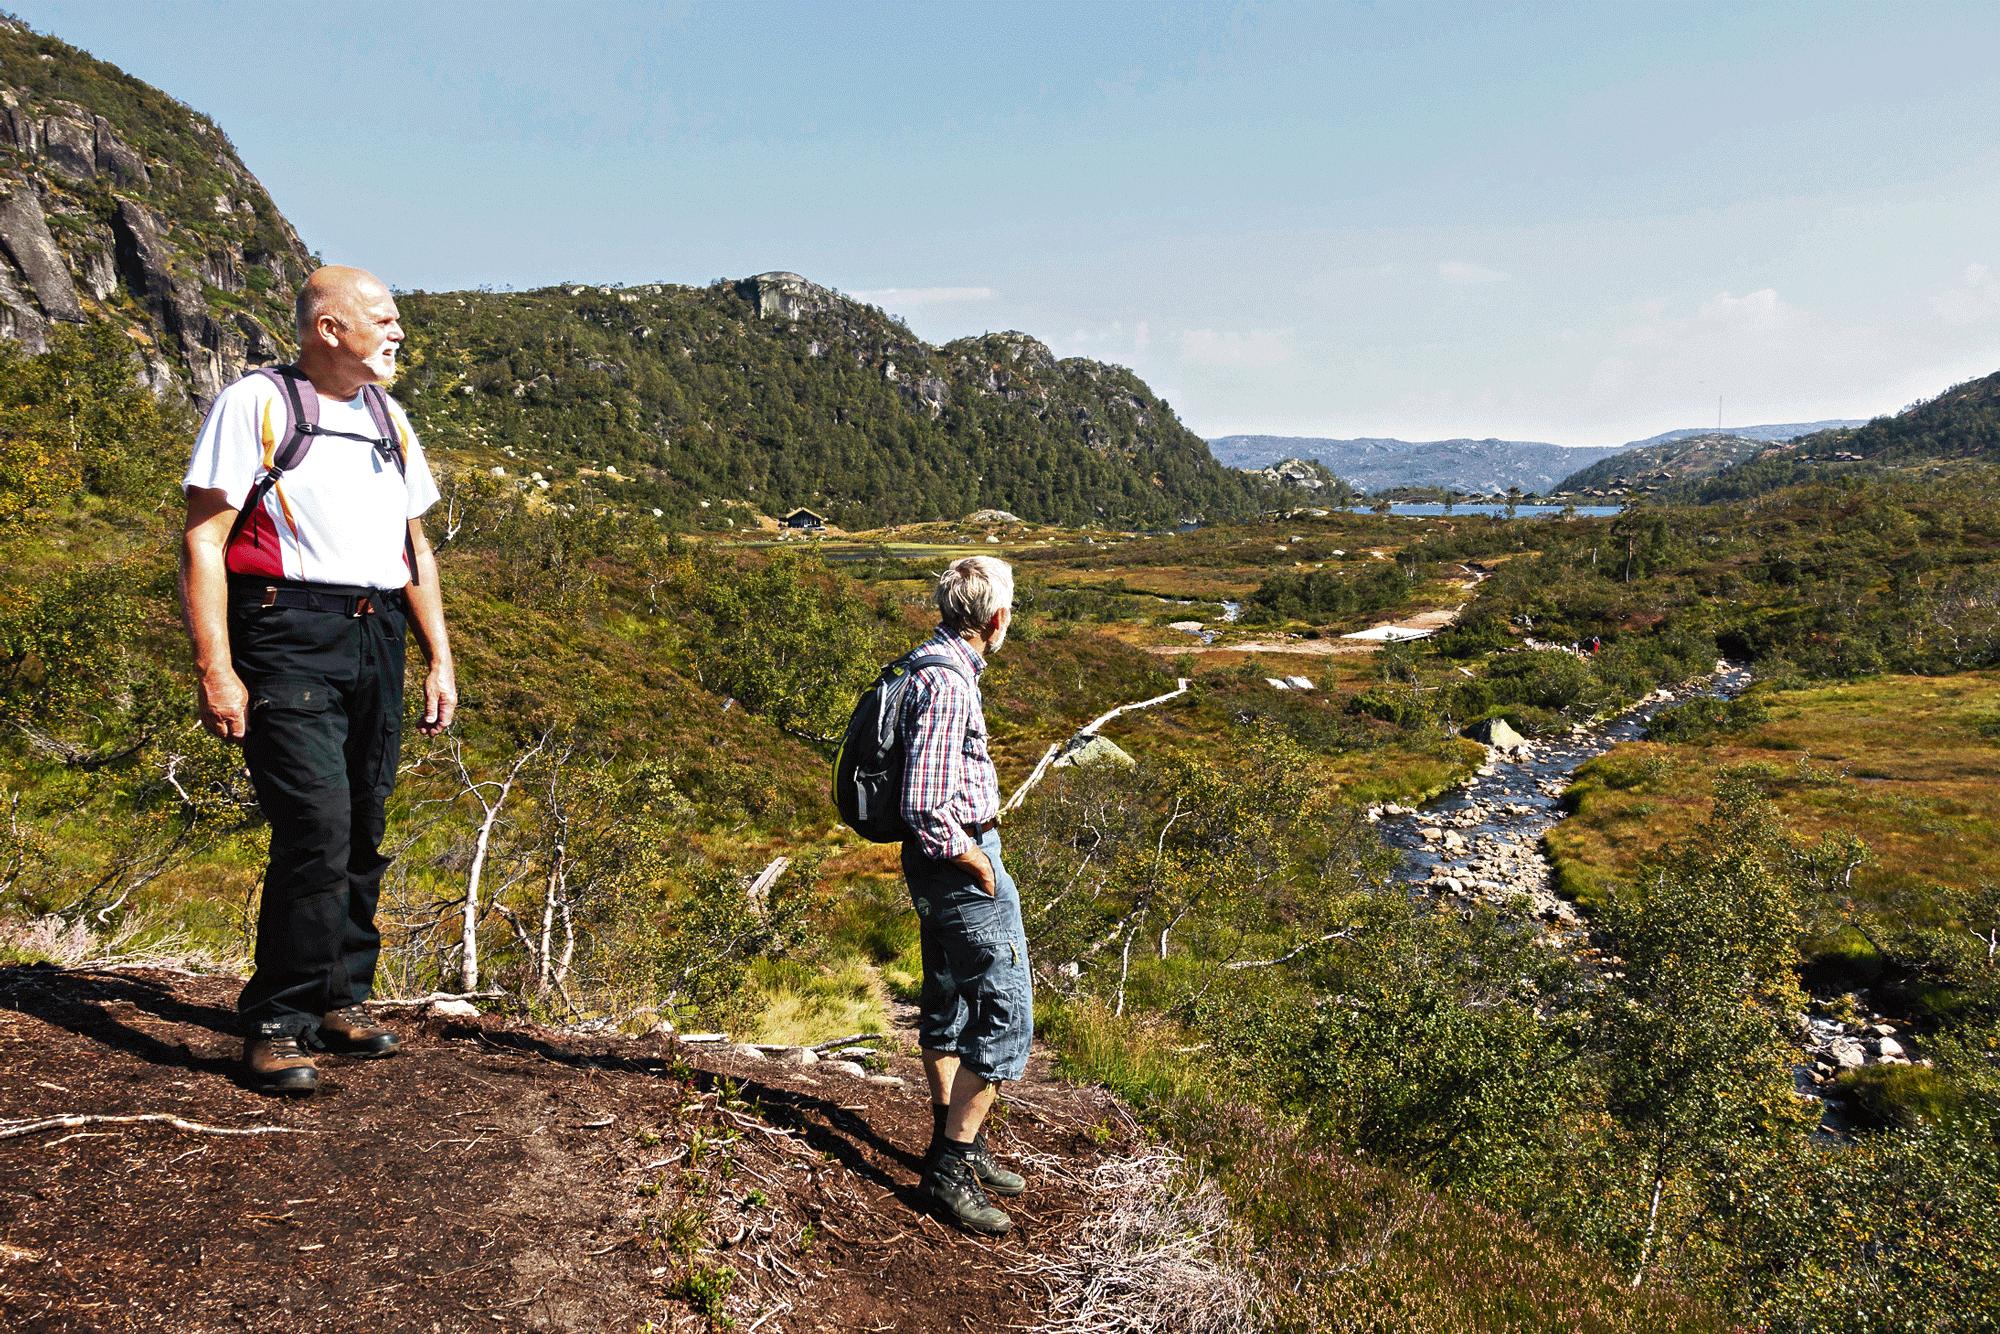 TILBAKEBLIKK: Ganske Snart Begynner Stigningen, Og Med Det Utsikten. Her Ser Vi Nedover Farstøldalen Med Farvannet Lengst Borte.